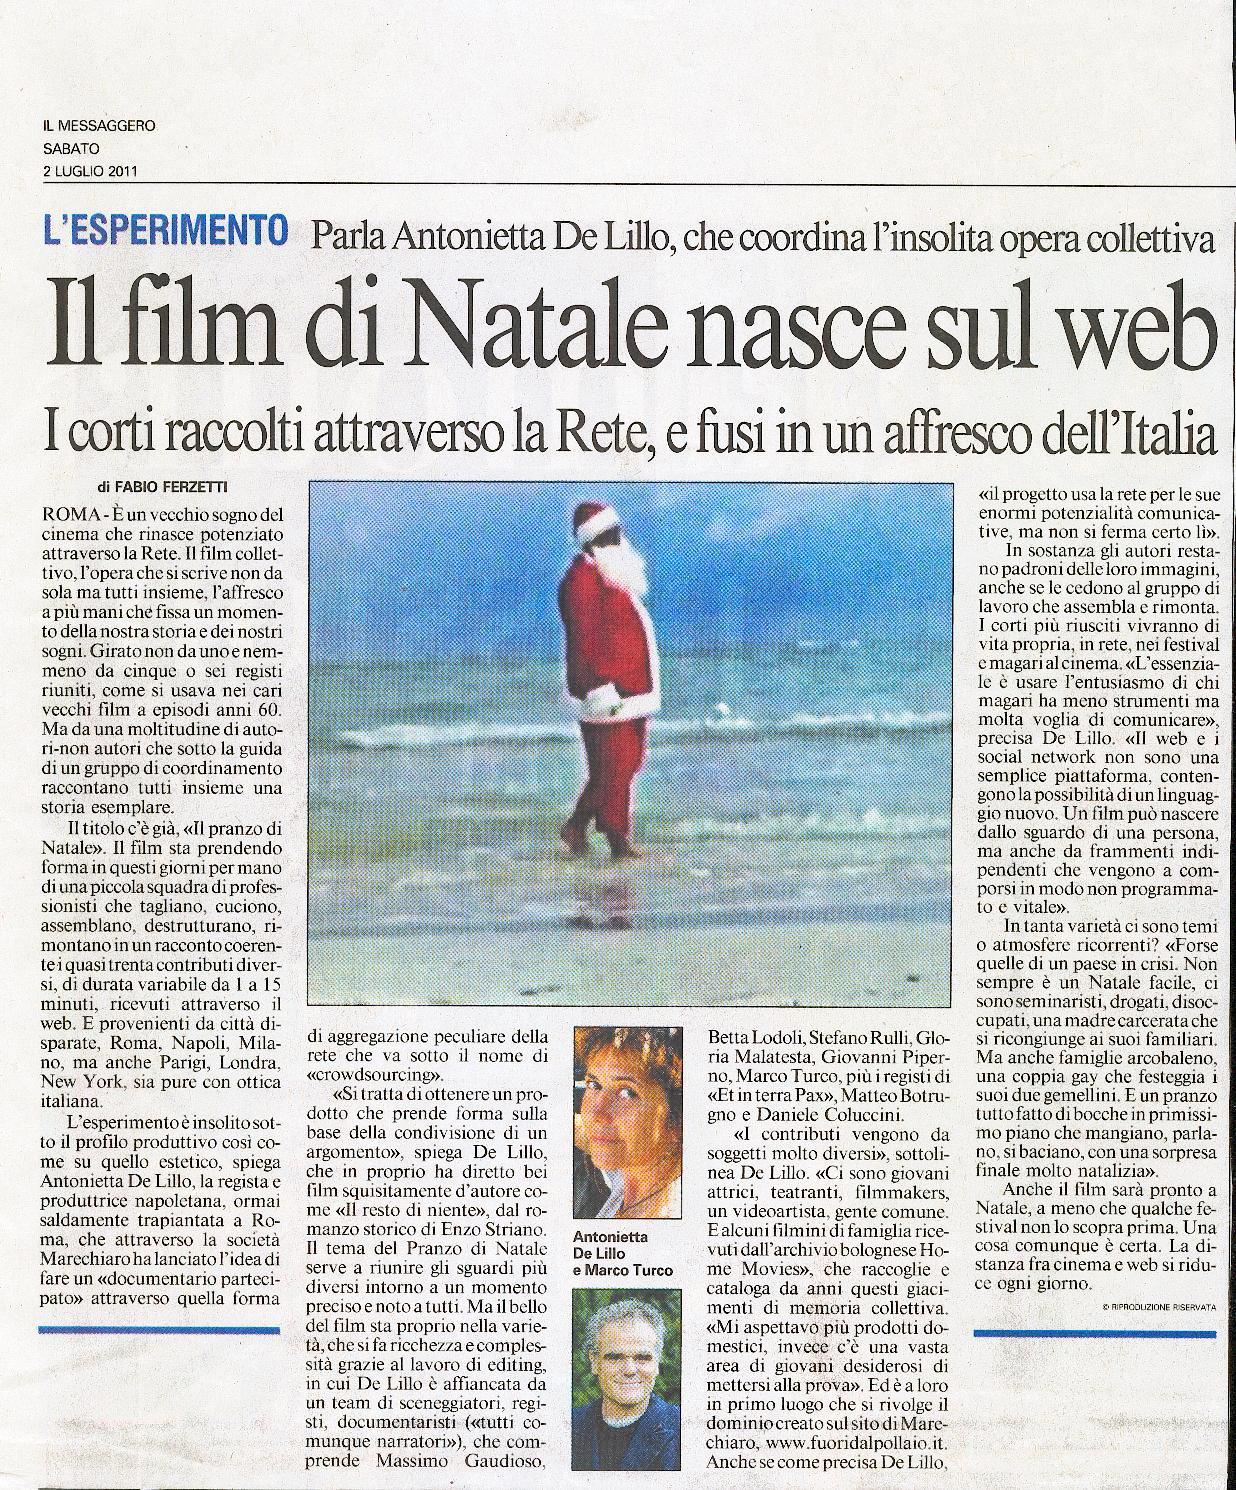 2011 - 2 LUGLIO FERZETTI IL MESSAGGERO